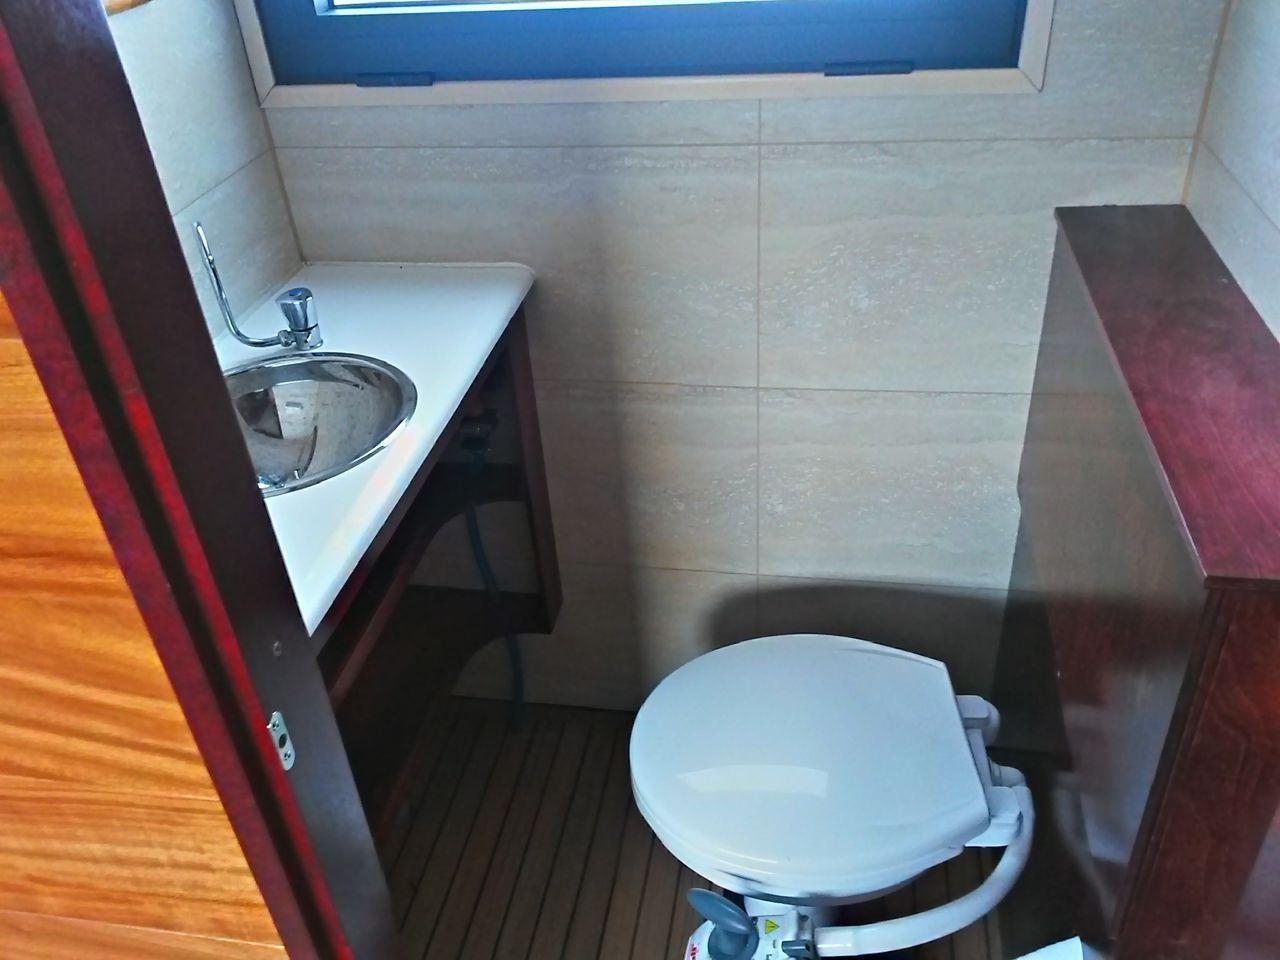 Blick in die WC Kabine mit Waschbecken und fließend kaltem Wasser.